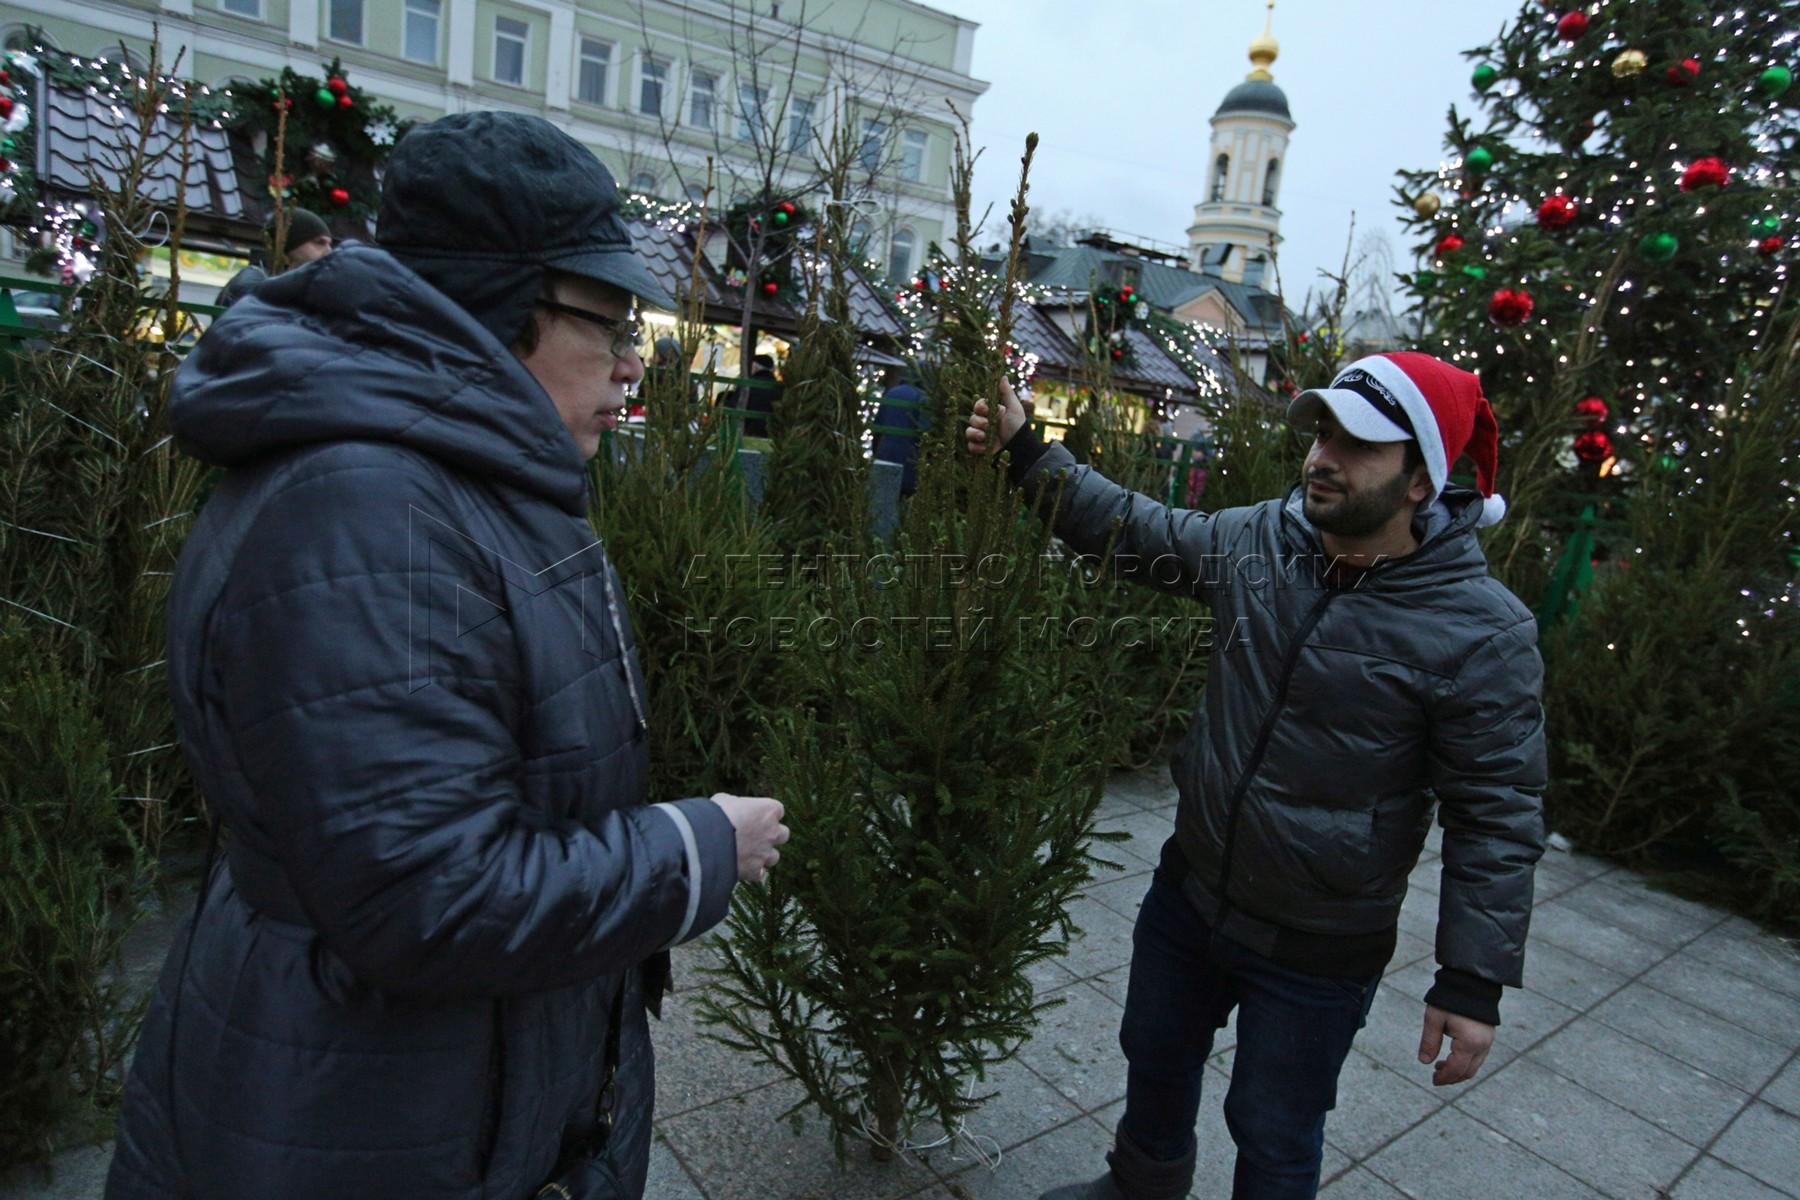 Работа  елочного базара на пересечении Климентовского пер. и ул. Малая Ордынка